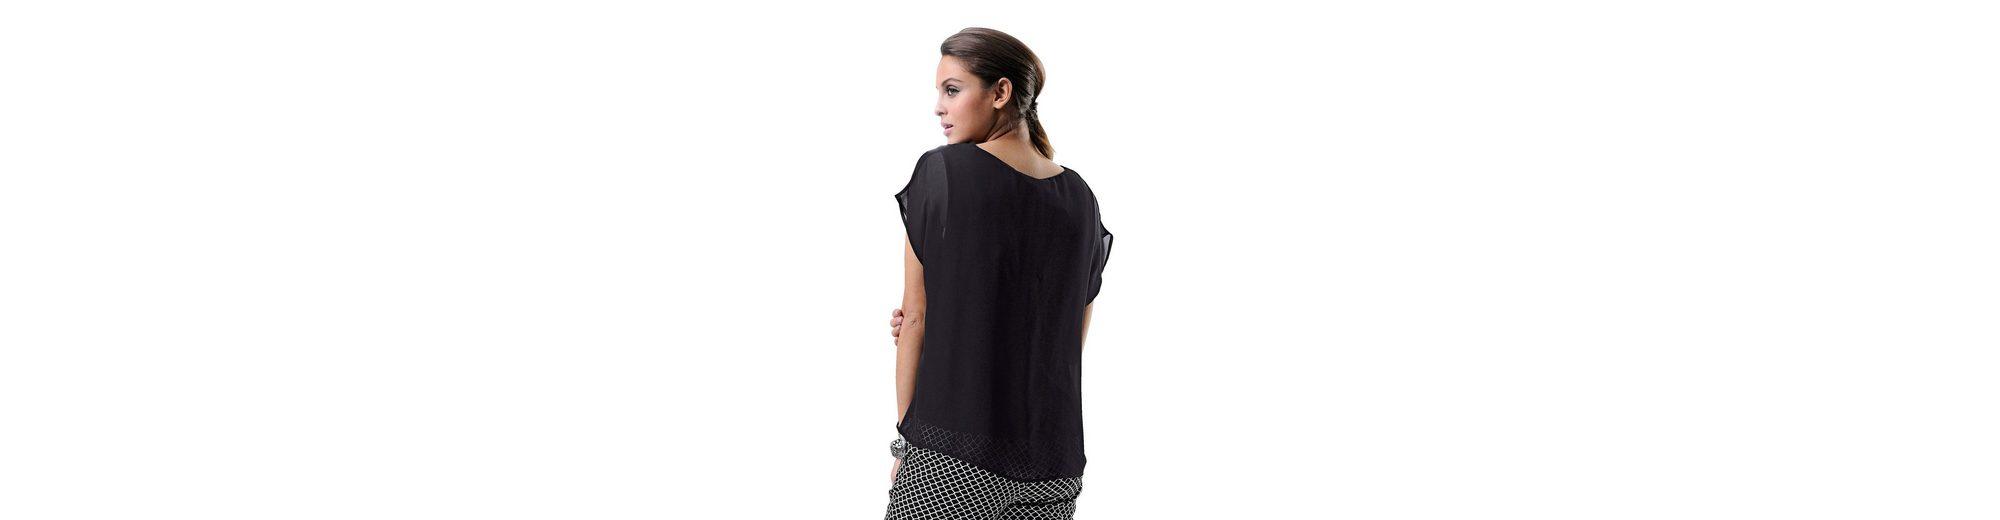 Alba Moda Shirt In schönem 2-in-1 Look Freies Verschiffen Großhandelspreis Rabatt Mit Mastercard Günstig Kaufen Echt Freies Verschiffen 100% Original Guenstige gVXEdlZE